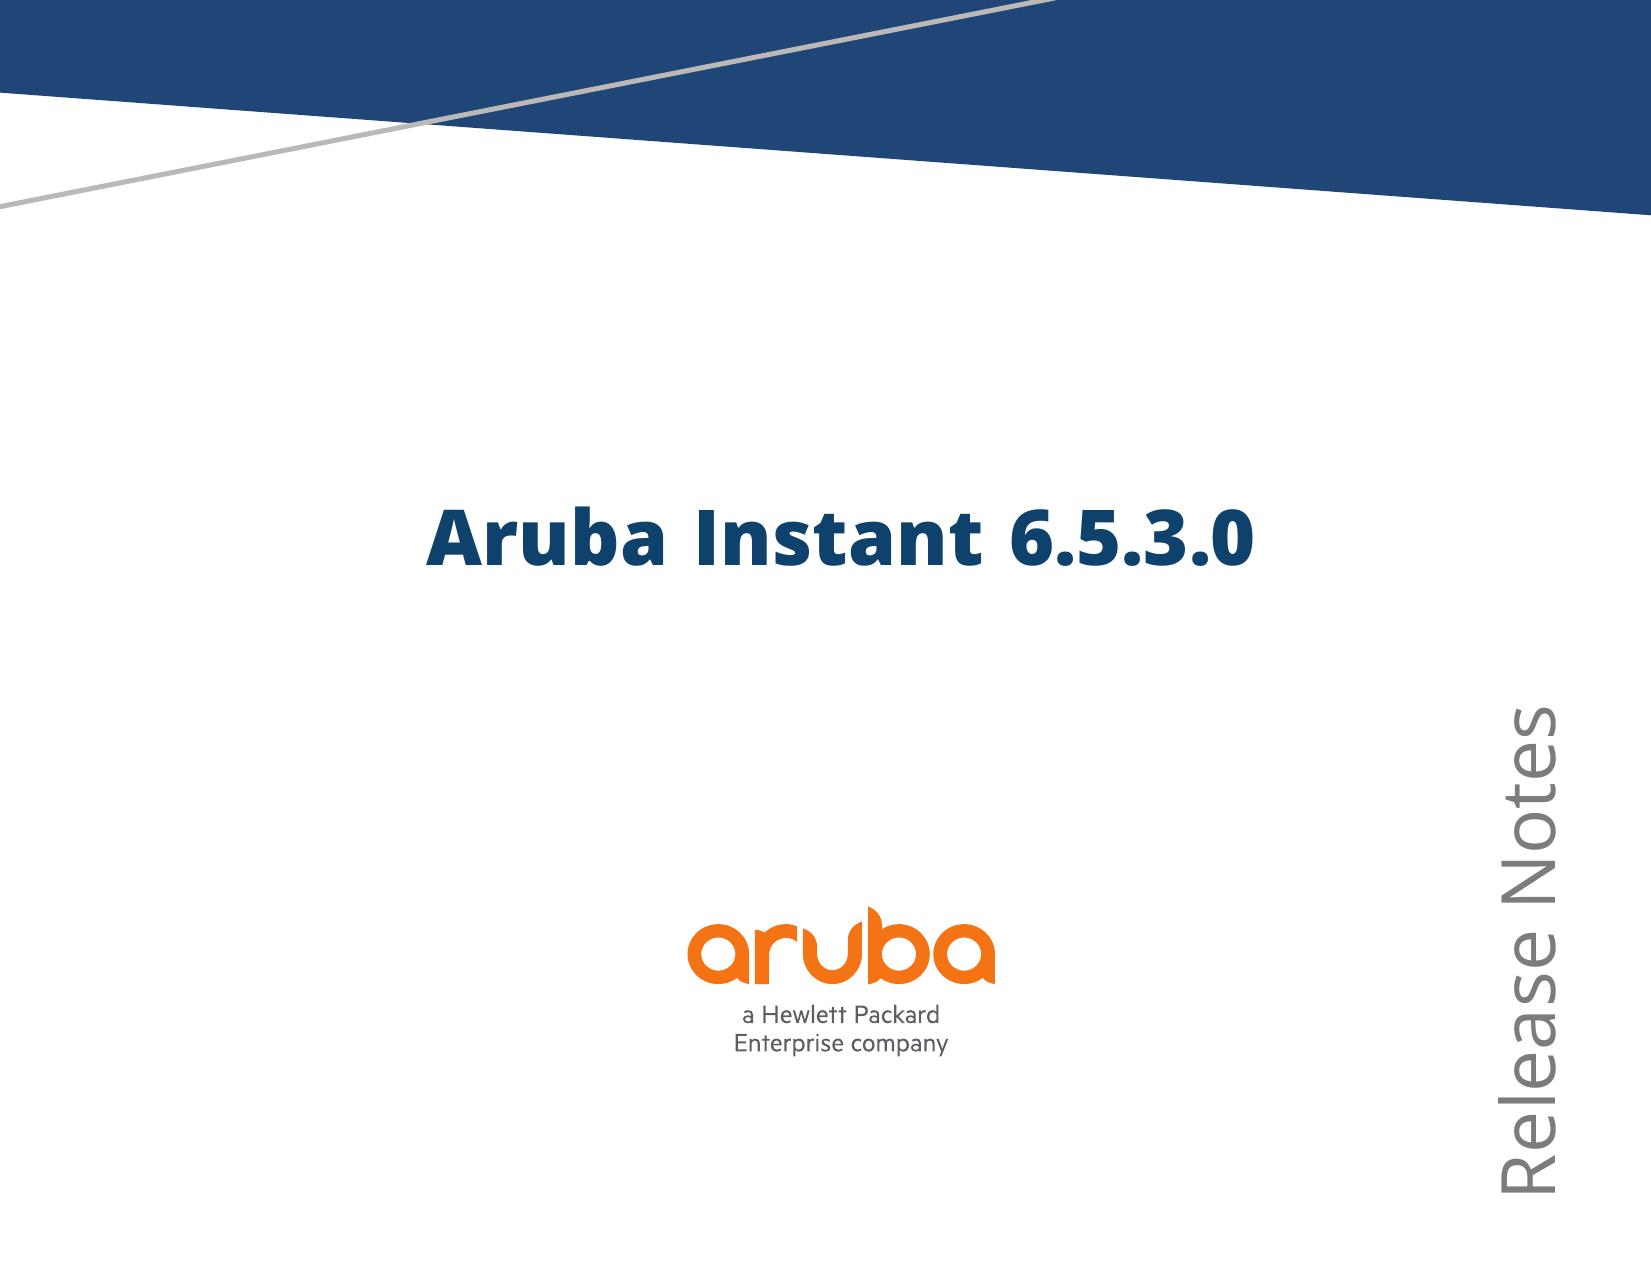 Aruba Instant 6 5 3 0 Release Notes | manualzz com